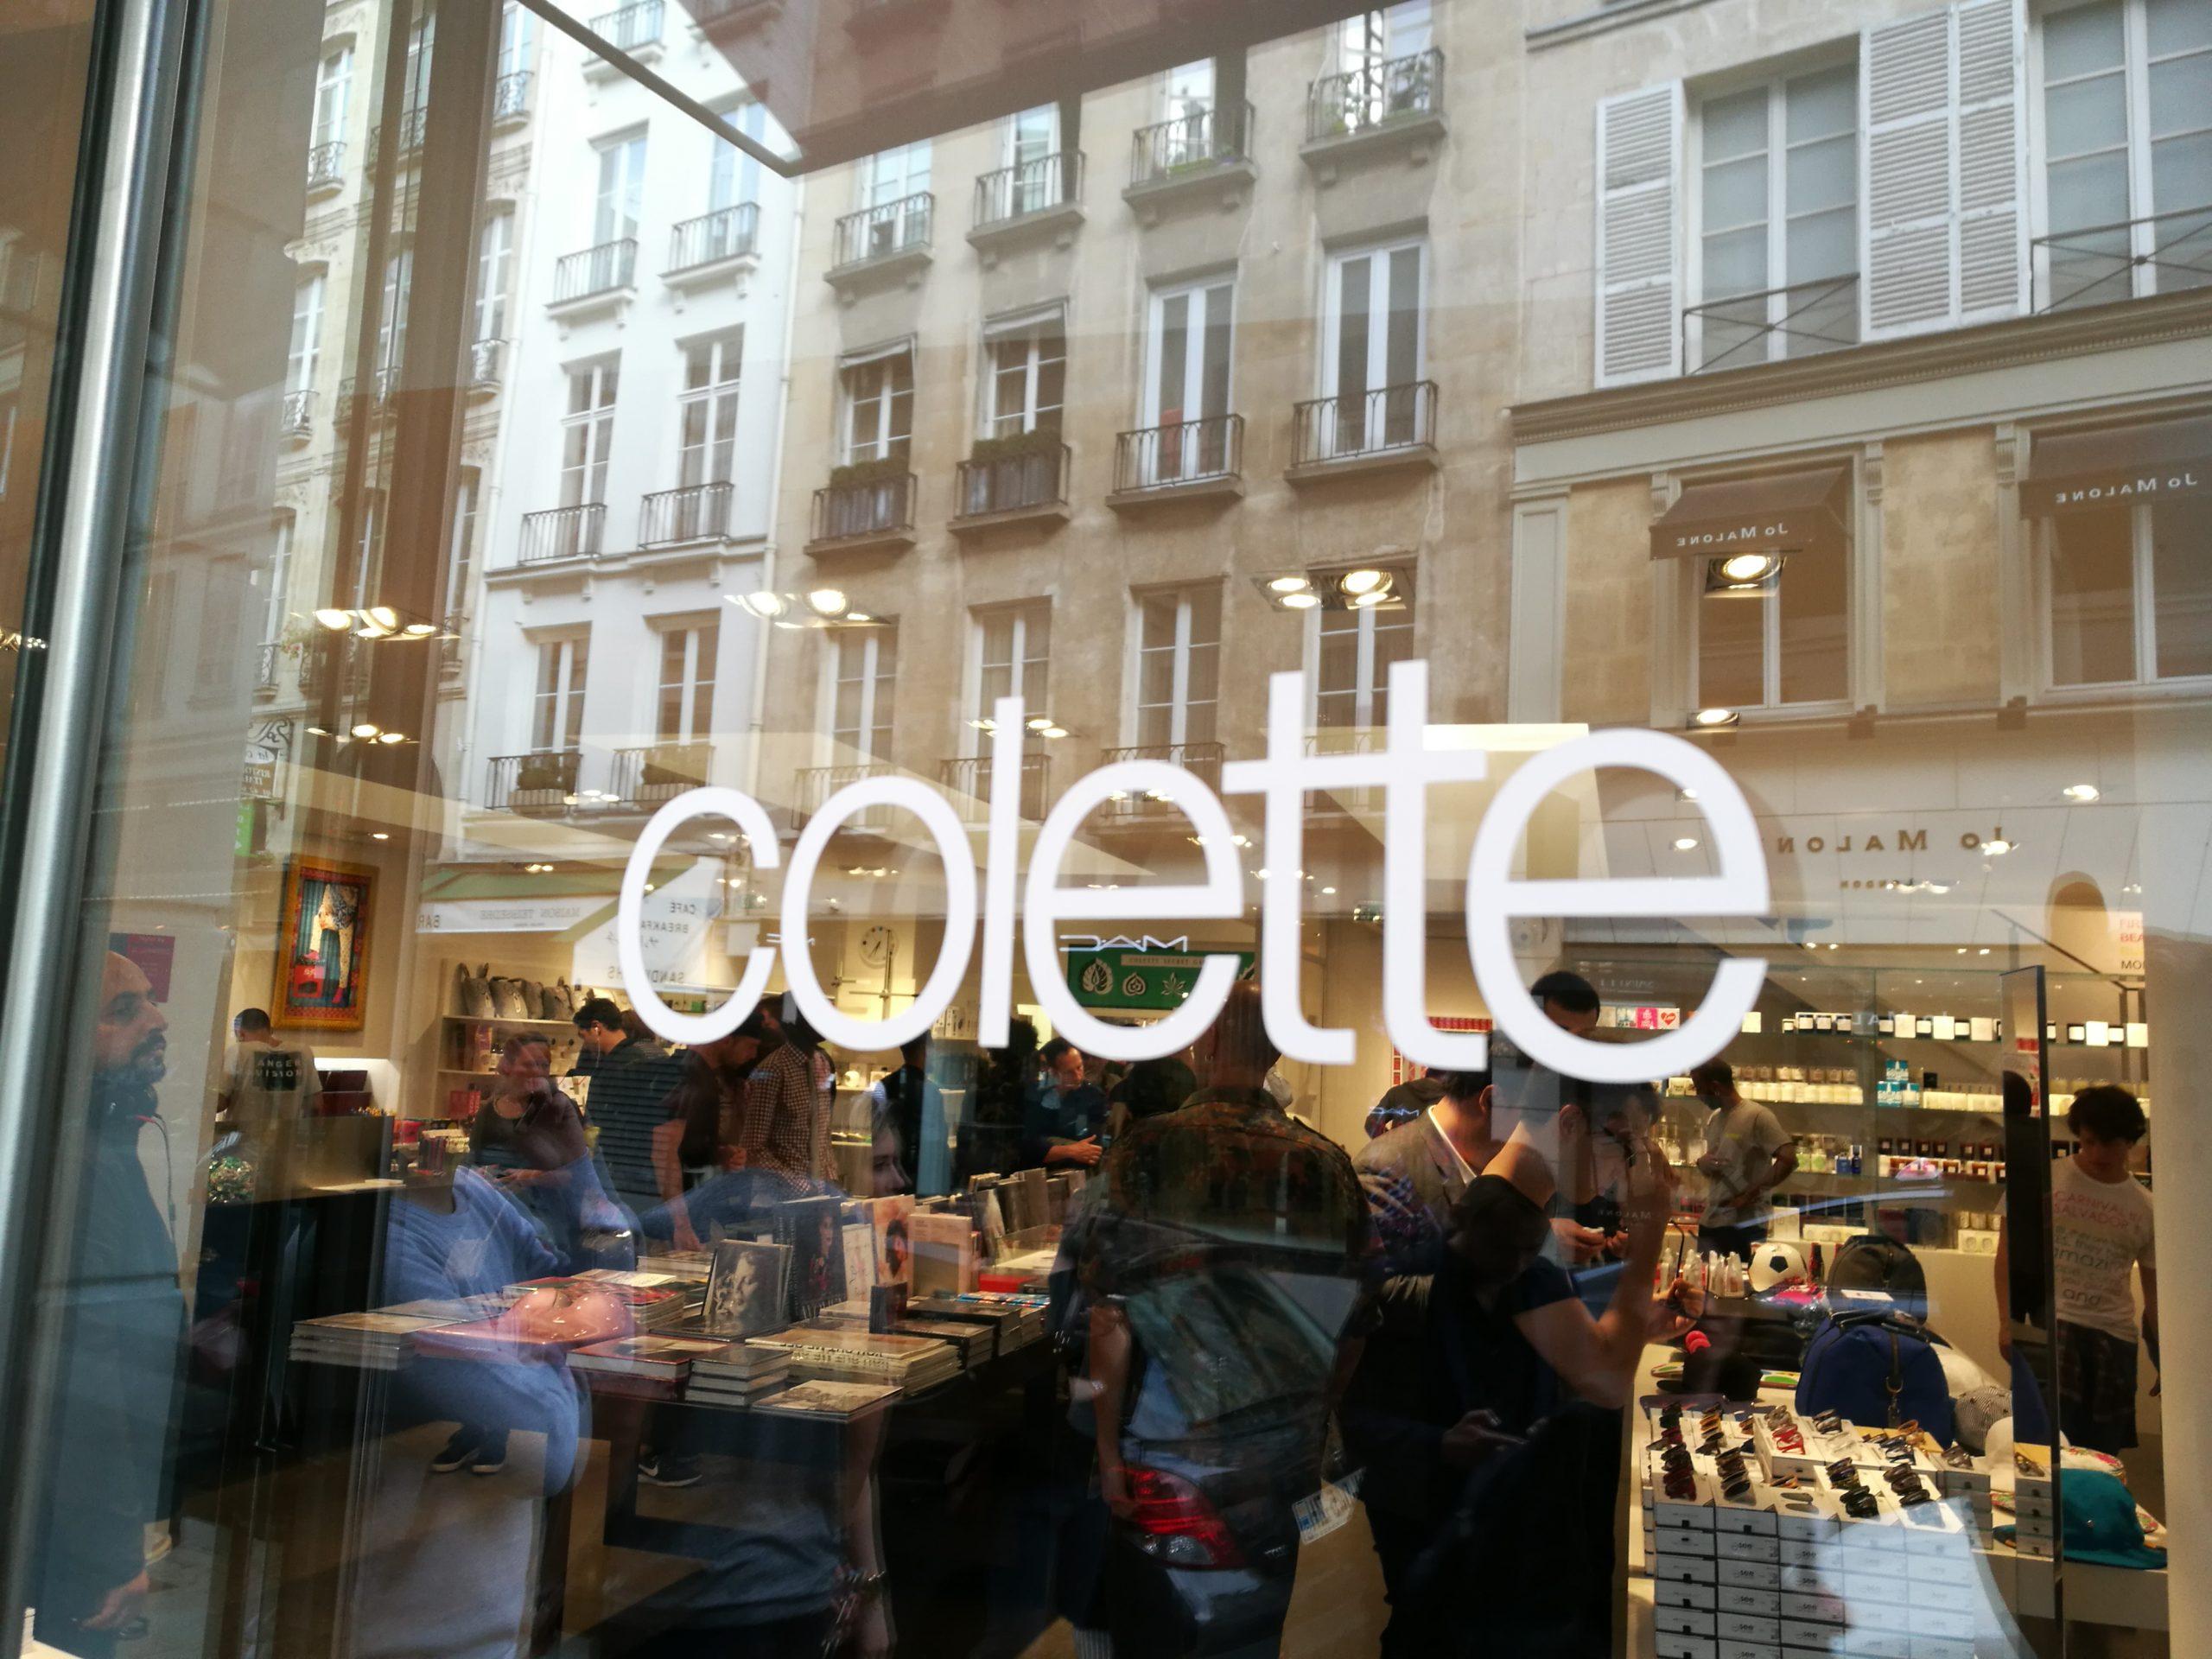 EXPOSITION HUAWEI COLETTE PARIS